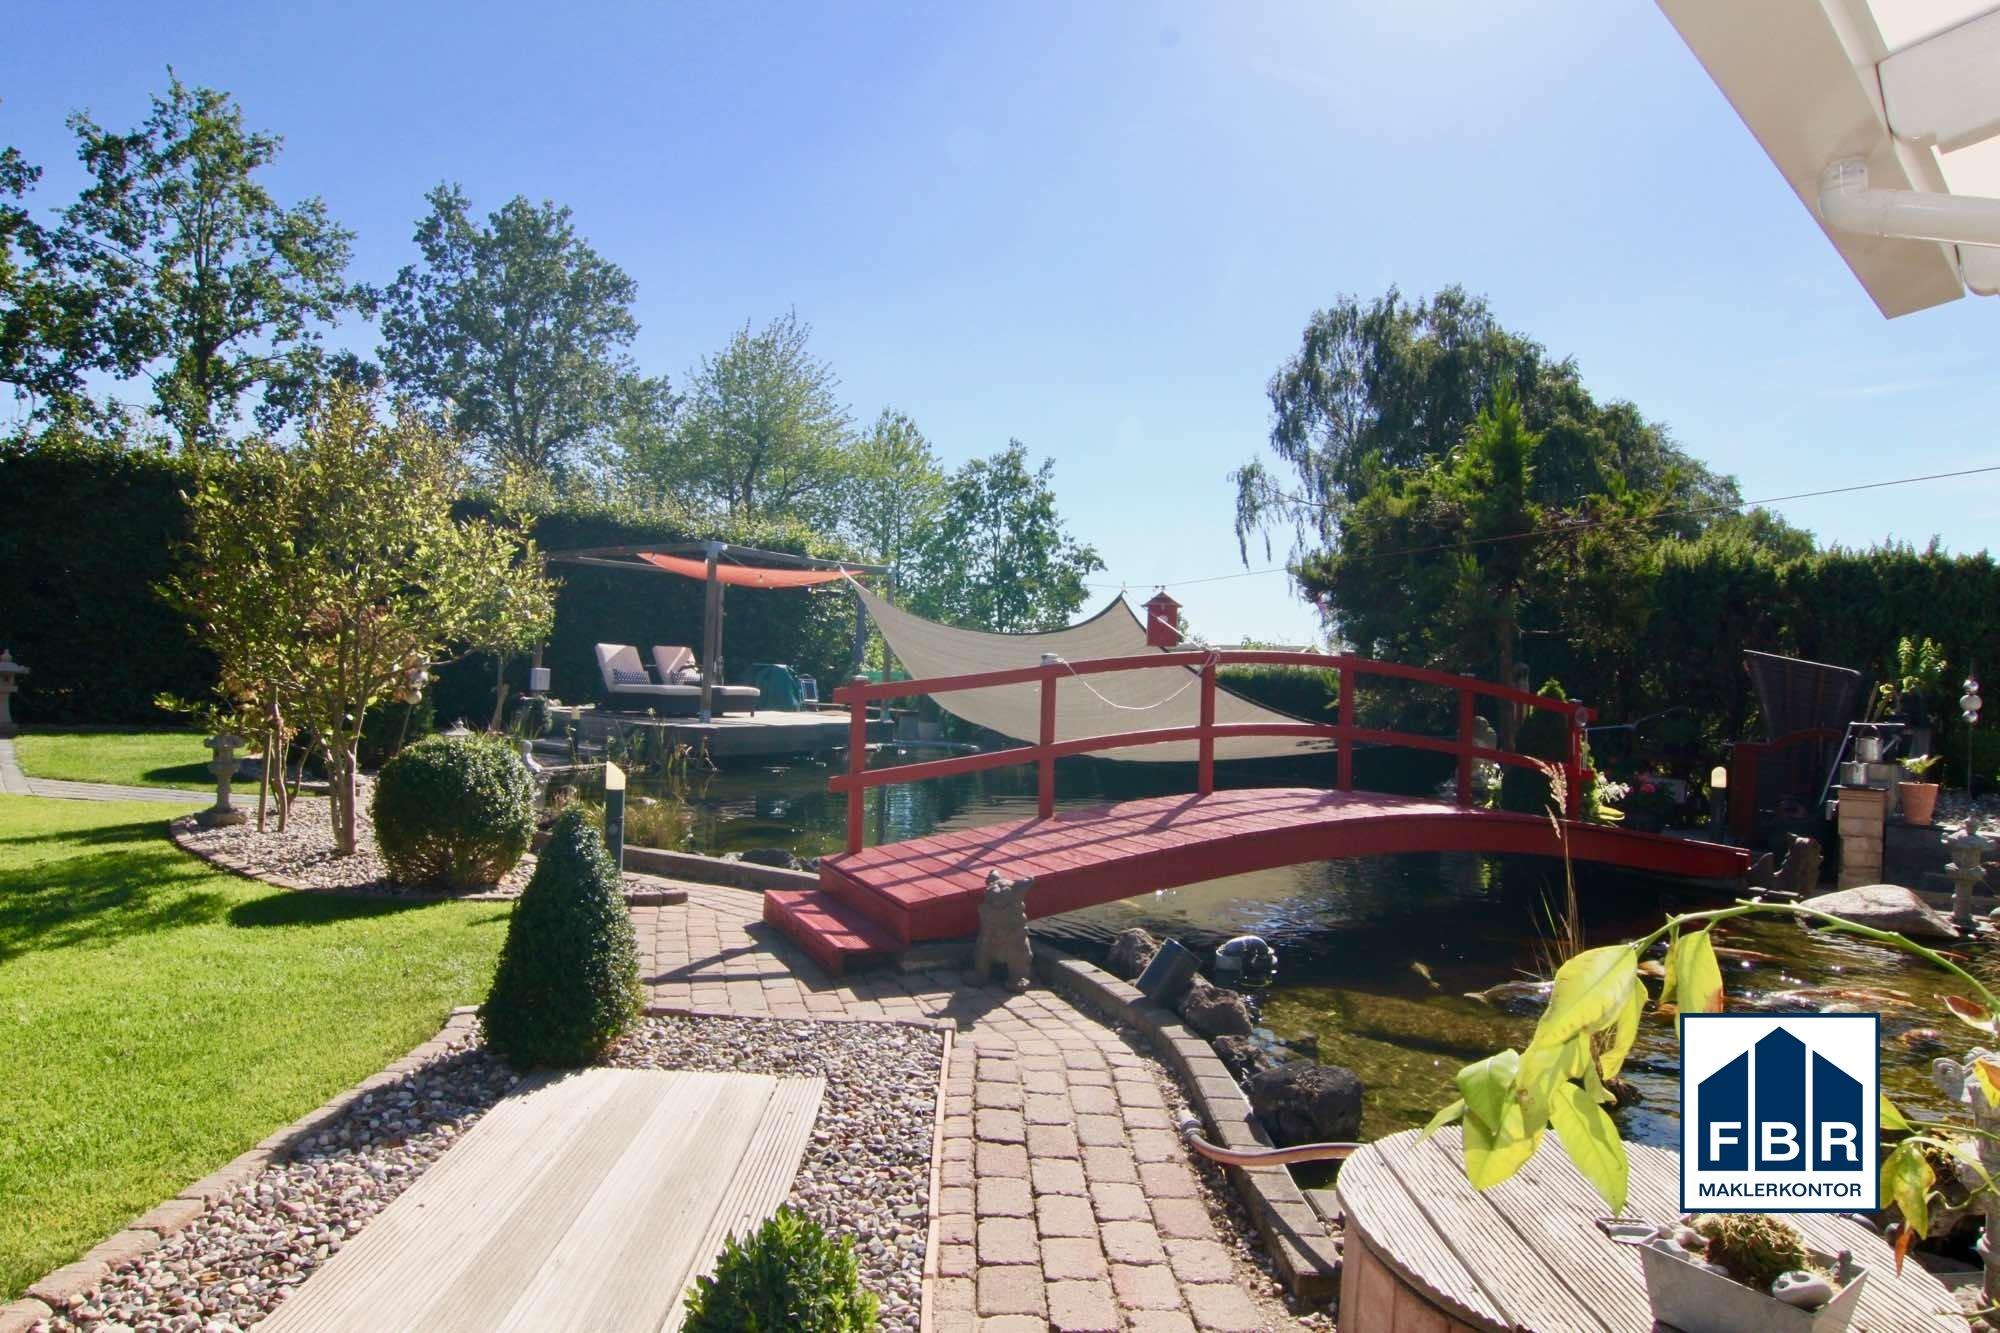 Gartenteich mit Brücke